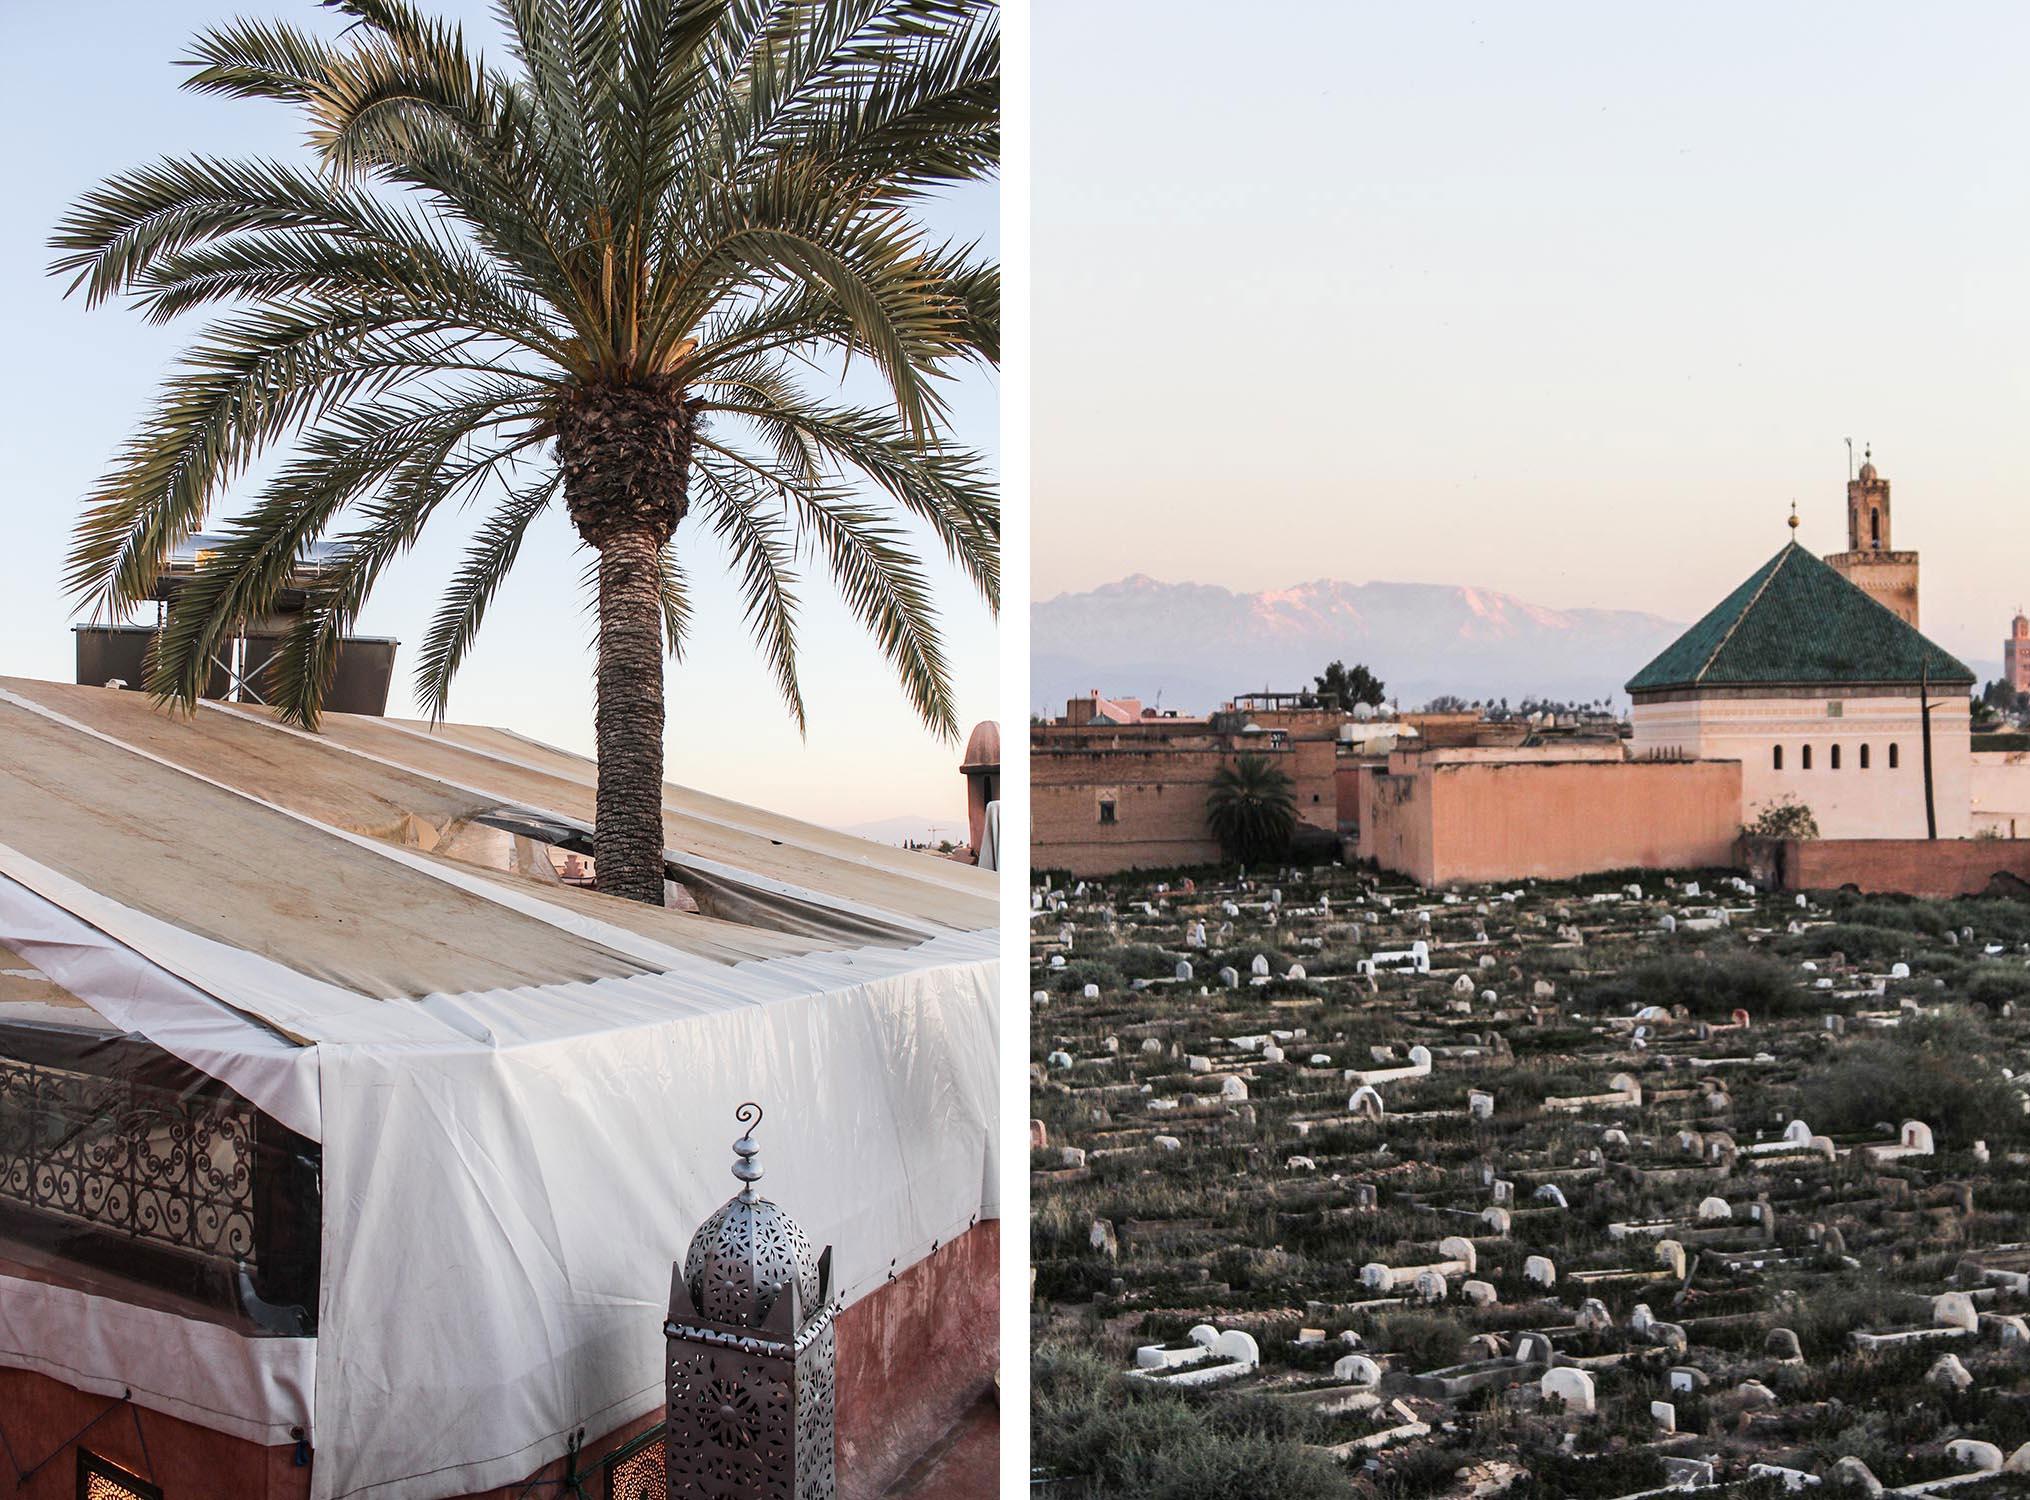 marrakechfoodtours_midnightblueelephant20160511_1797